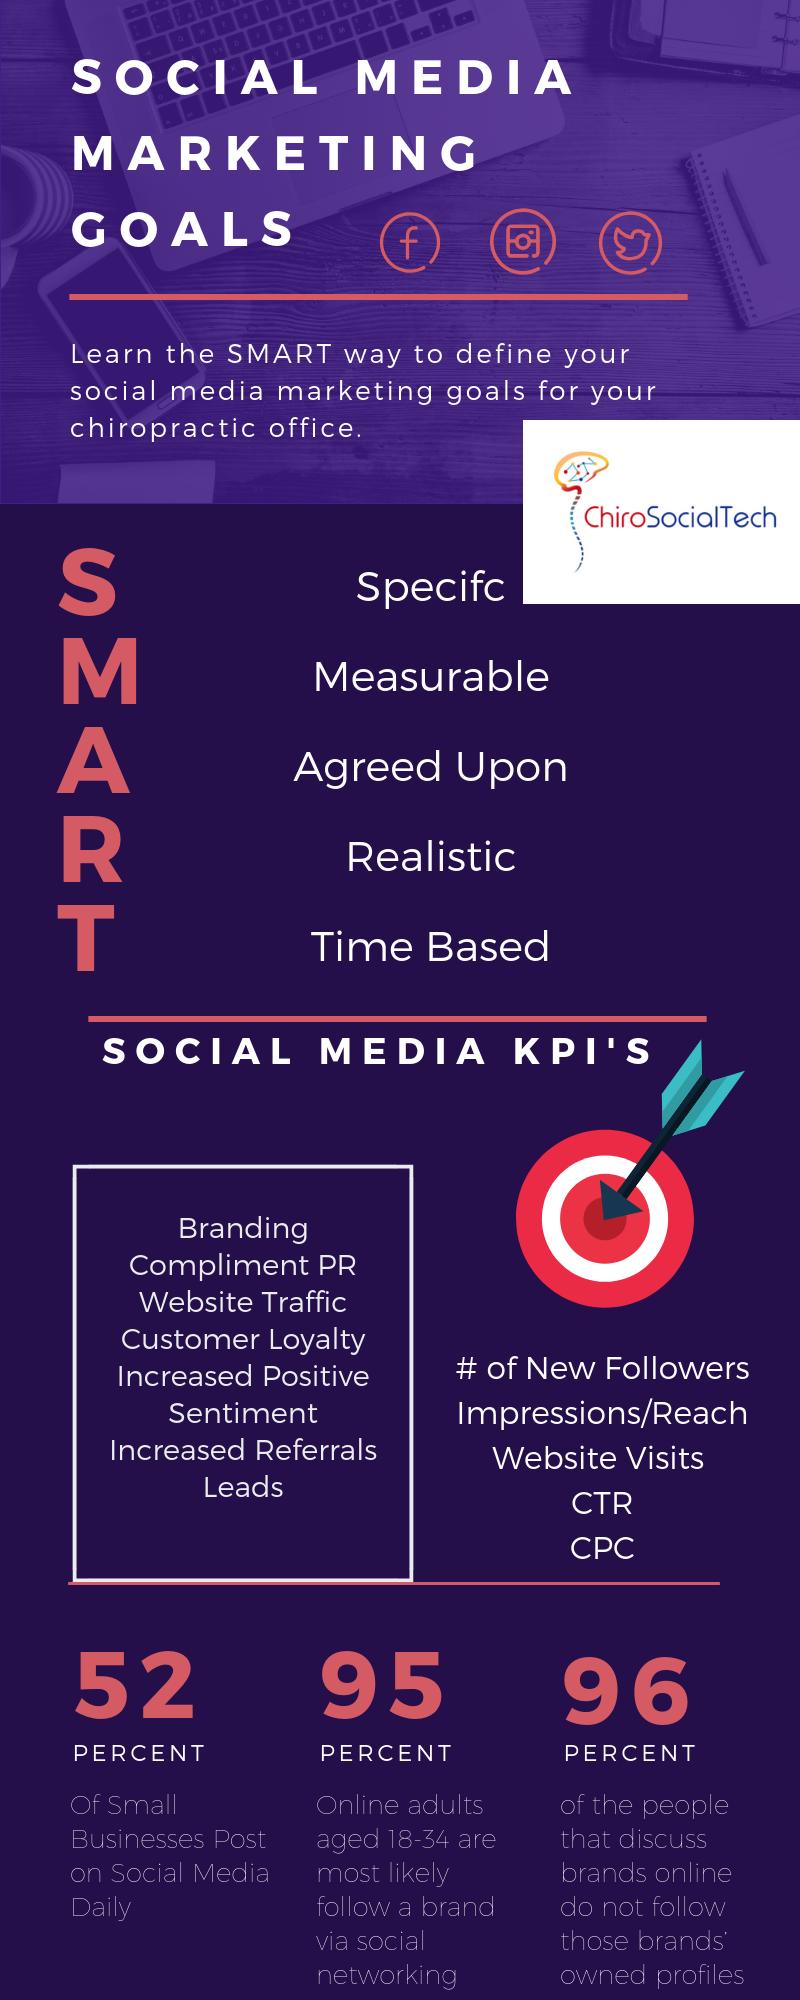 Social Media marketing goals.png